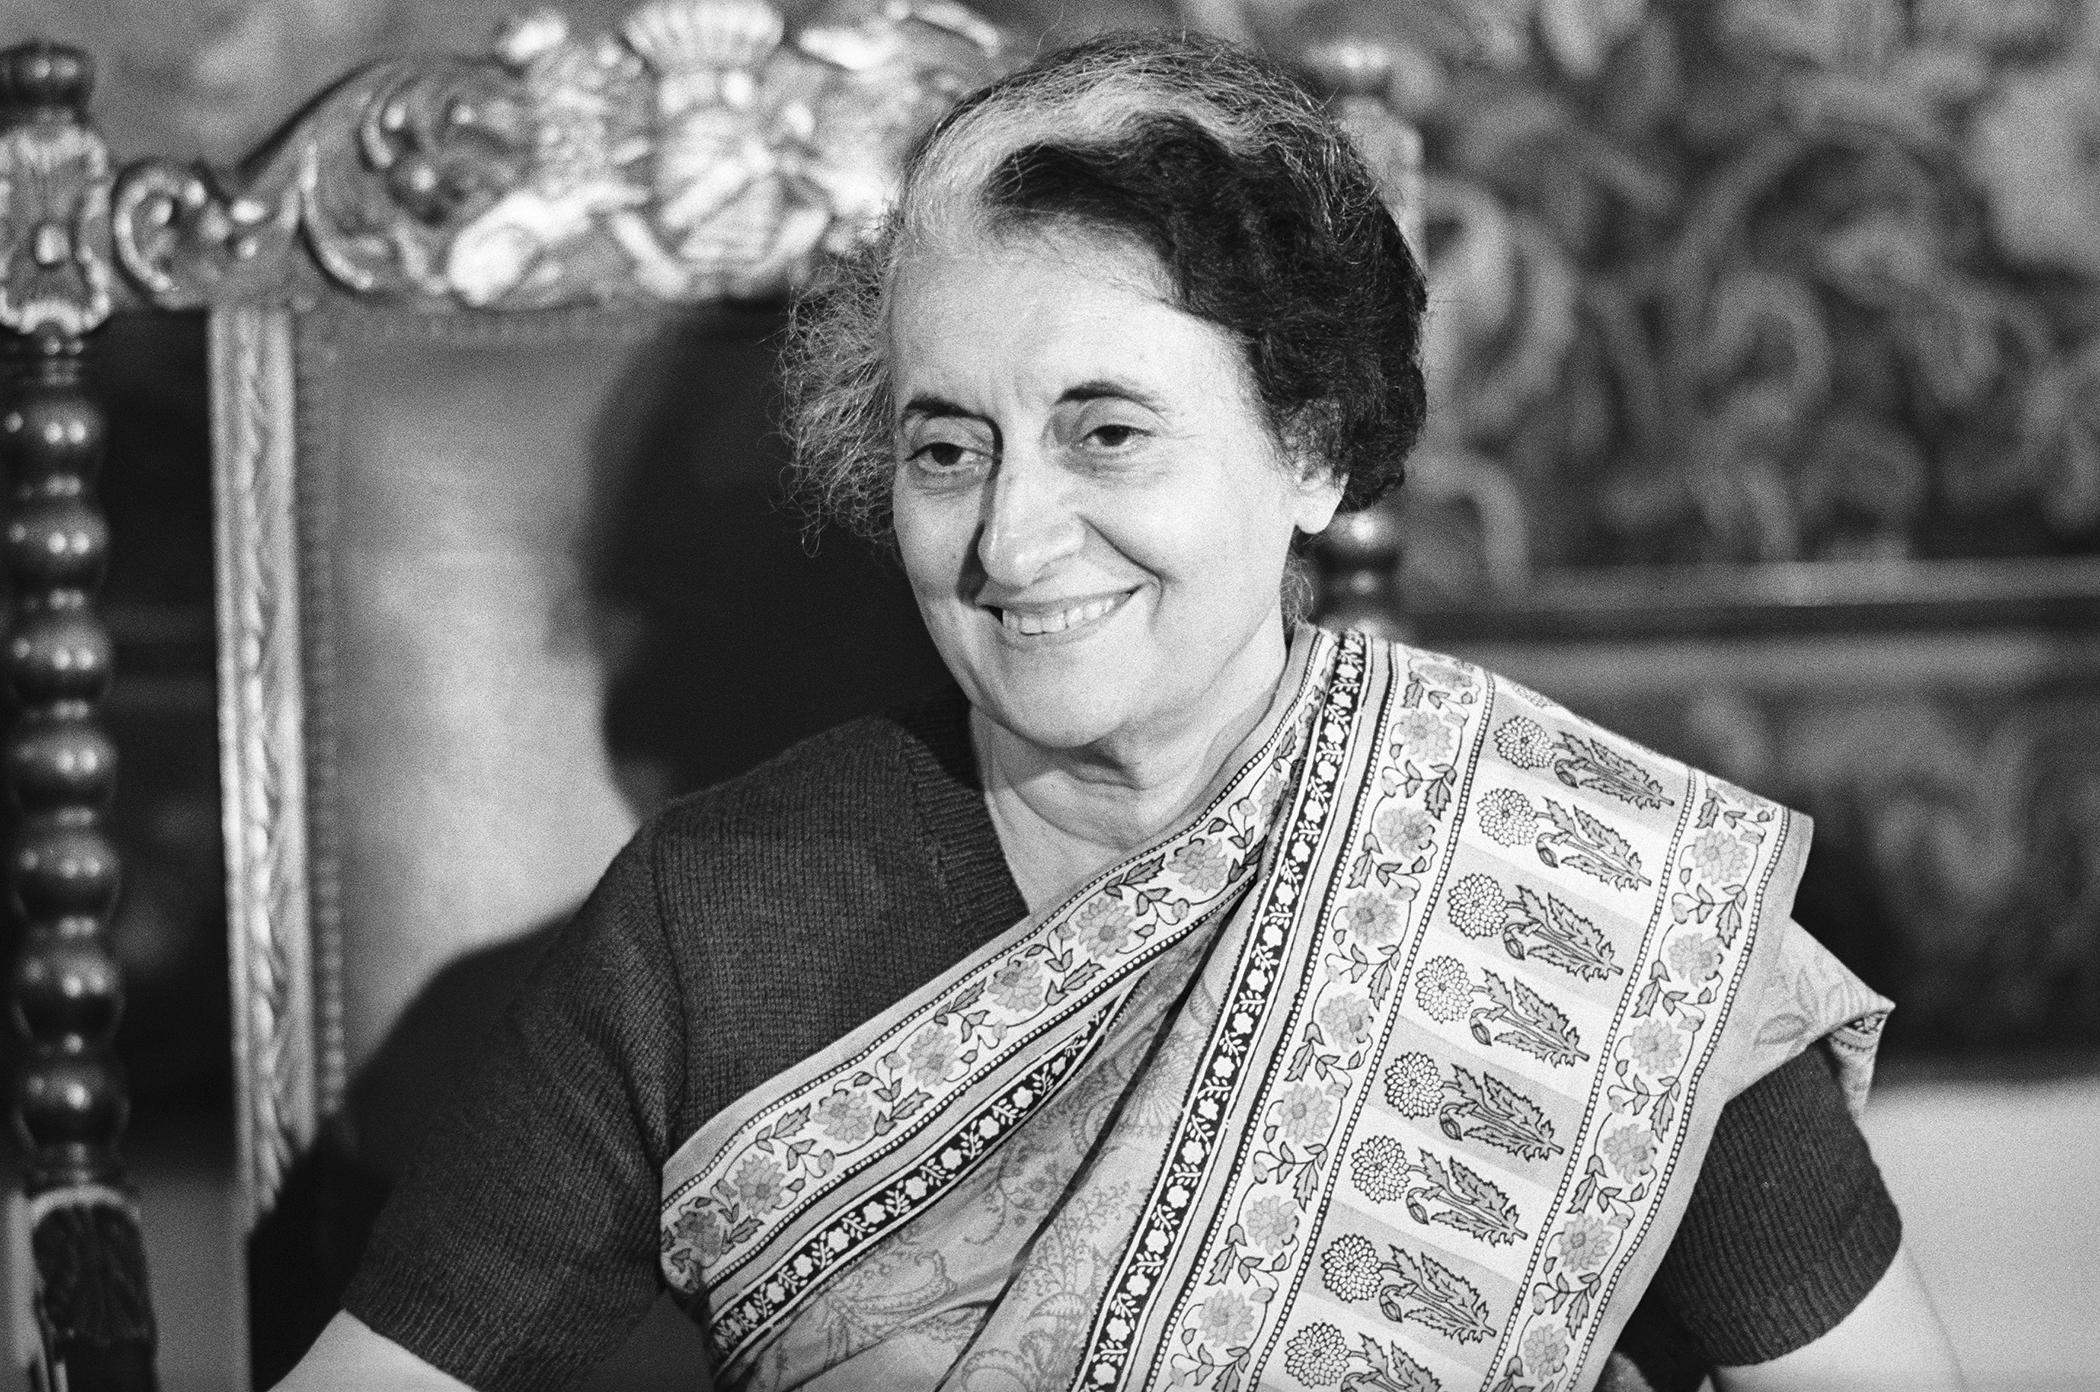 Indira Gandhi, Prime Minister of India, visiting Austria, Hotel Imperial in Vienna, 1983.